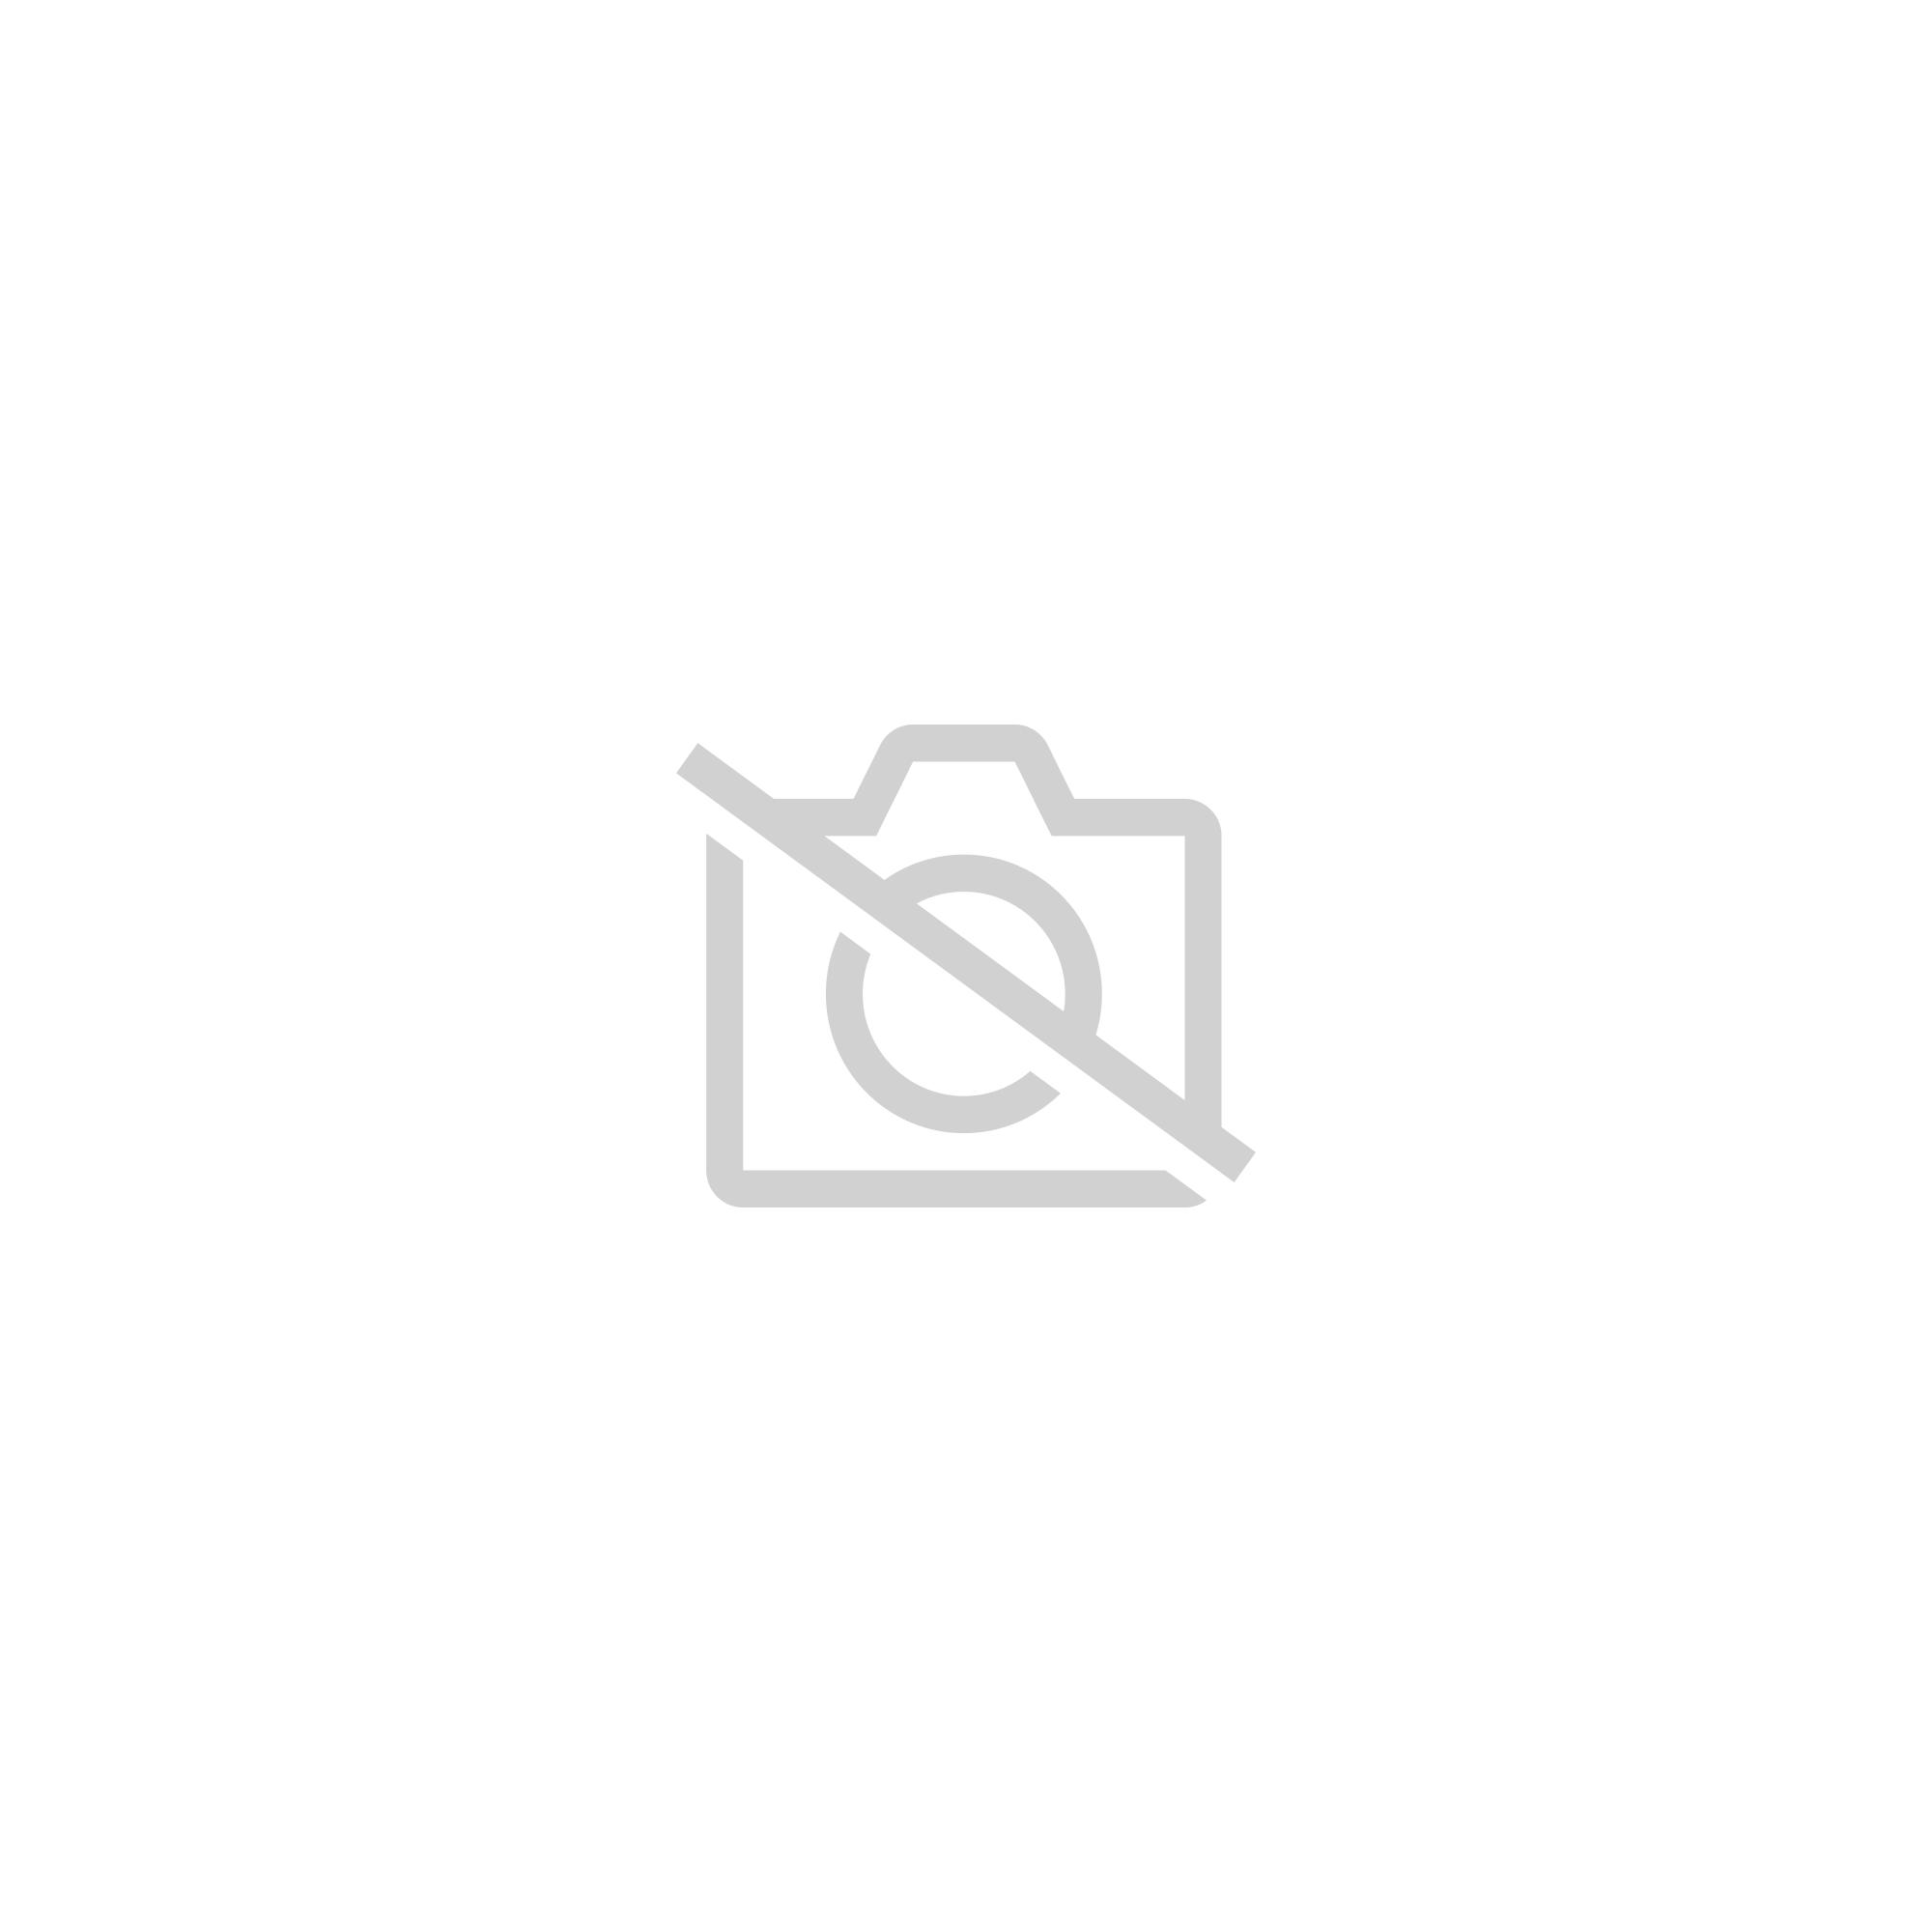 Capital Sports Stoksman Rameur À Eau 120cm Pour Entraînement Fitness Et Musculation 8 Niveaux Au Choix Ecran Lcd Bois Dhître Foncé